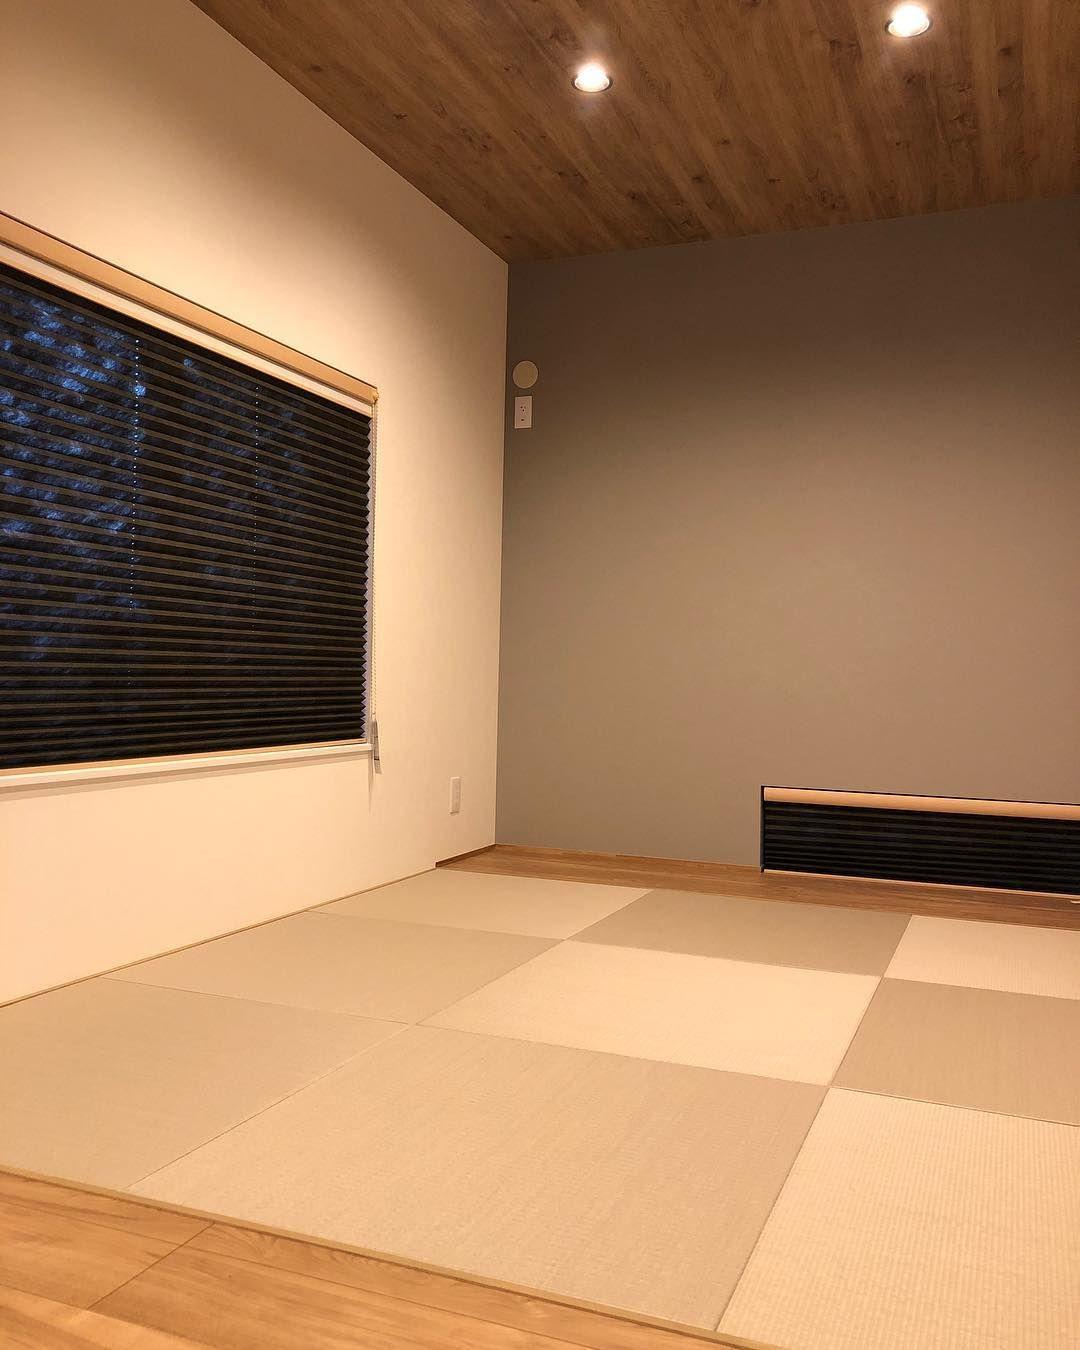 和室だけは相変わらず スッキリしている 和室 小上がり 小